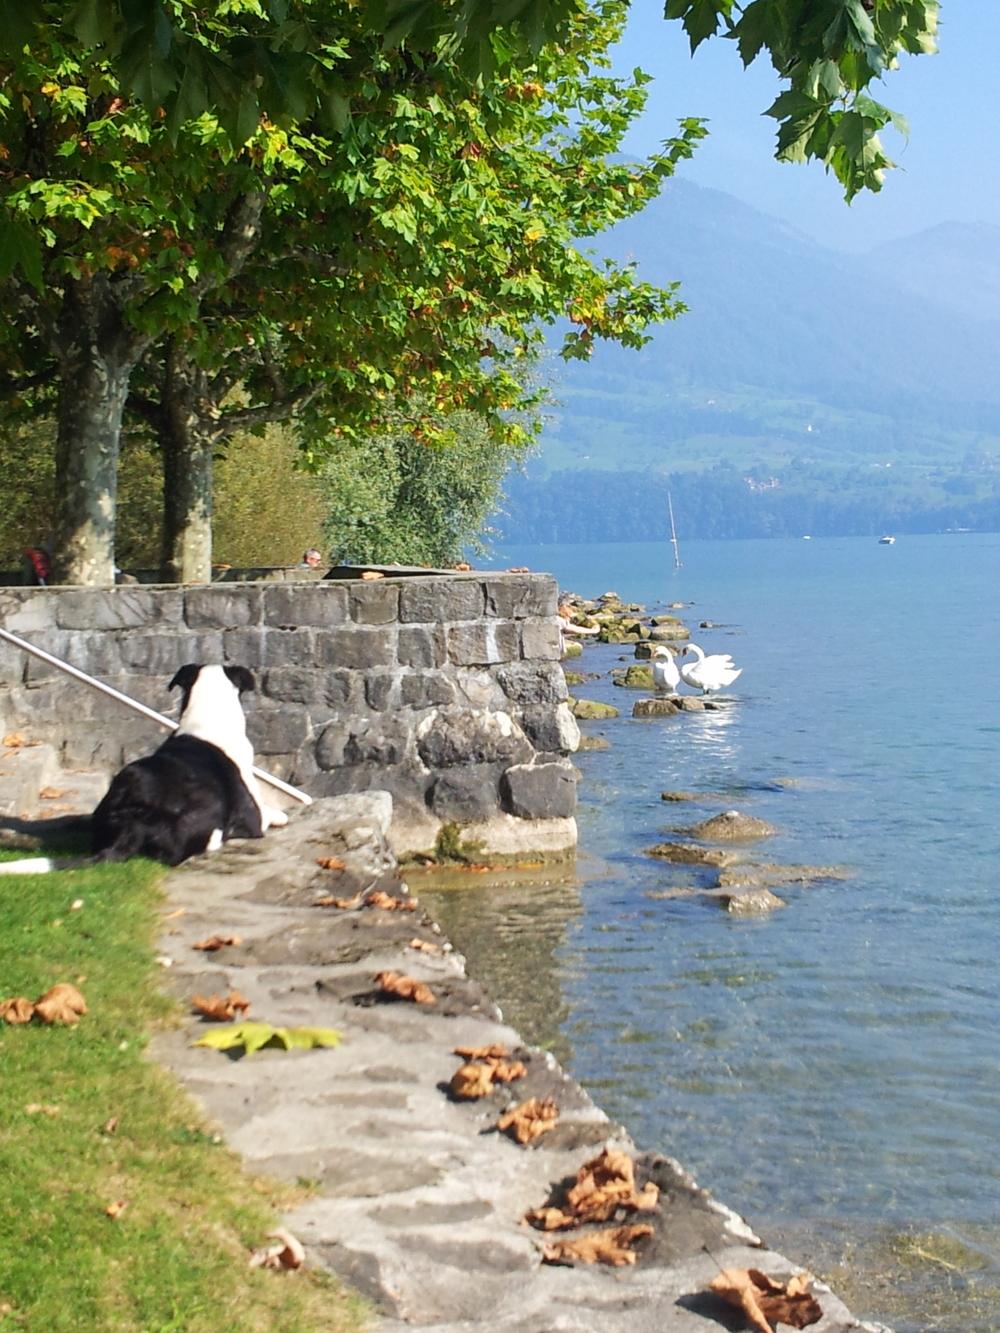 Maxine in Zwitserland 1 - Getoutoftown.jpg